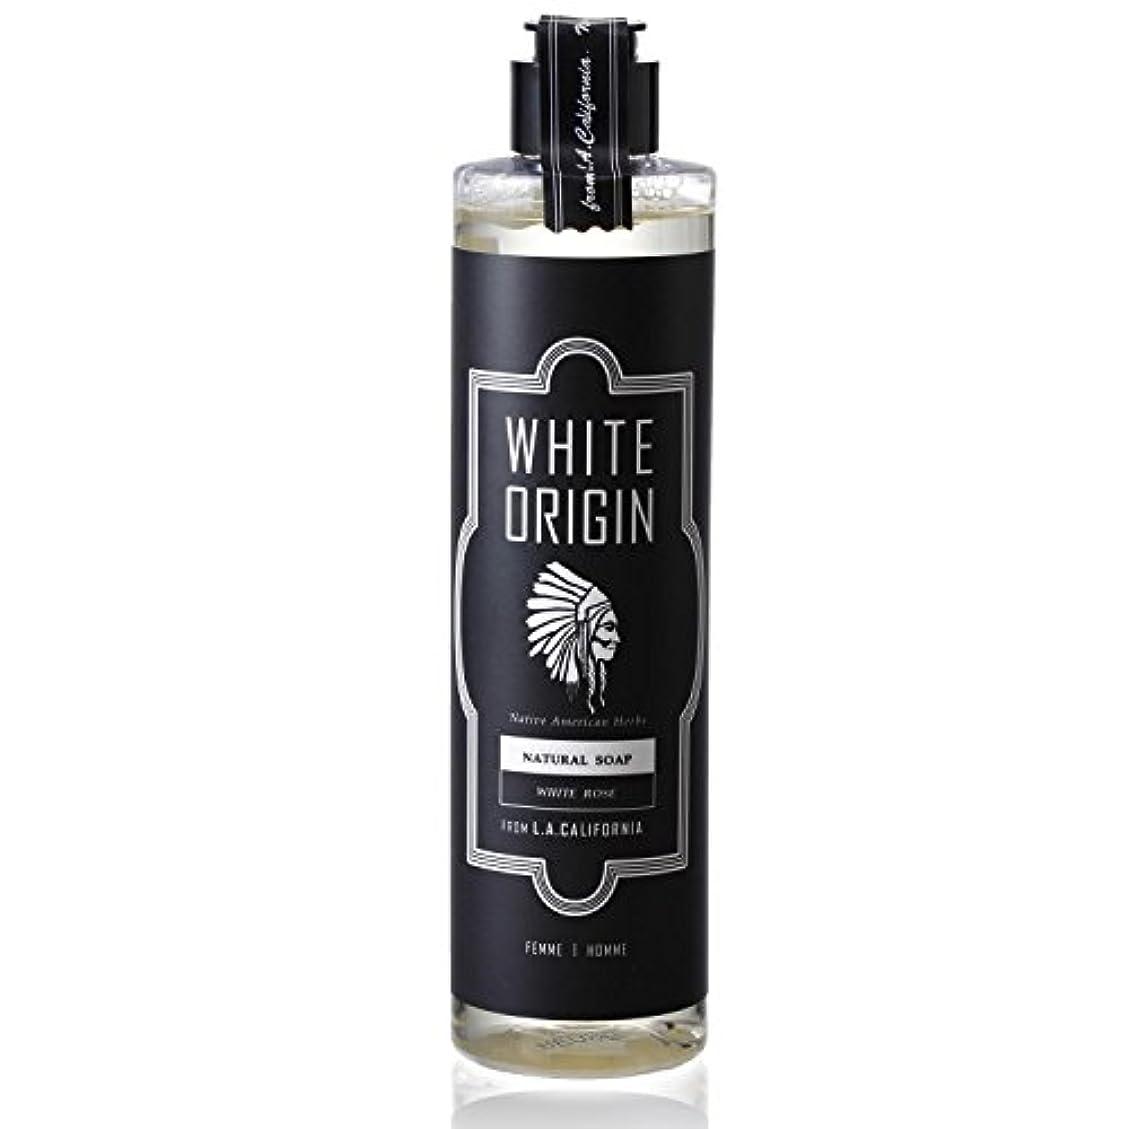 助言する浅い月WHITE ORIGIN ボディソープ 300ml 加齢臭 ケア オーガニック ナチュラル 男前 乾燥 ホワイトローズ